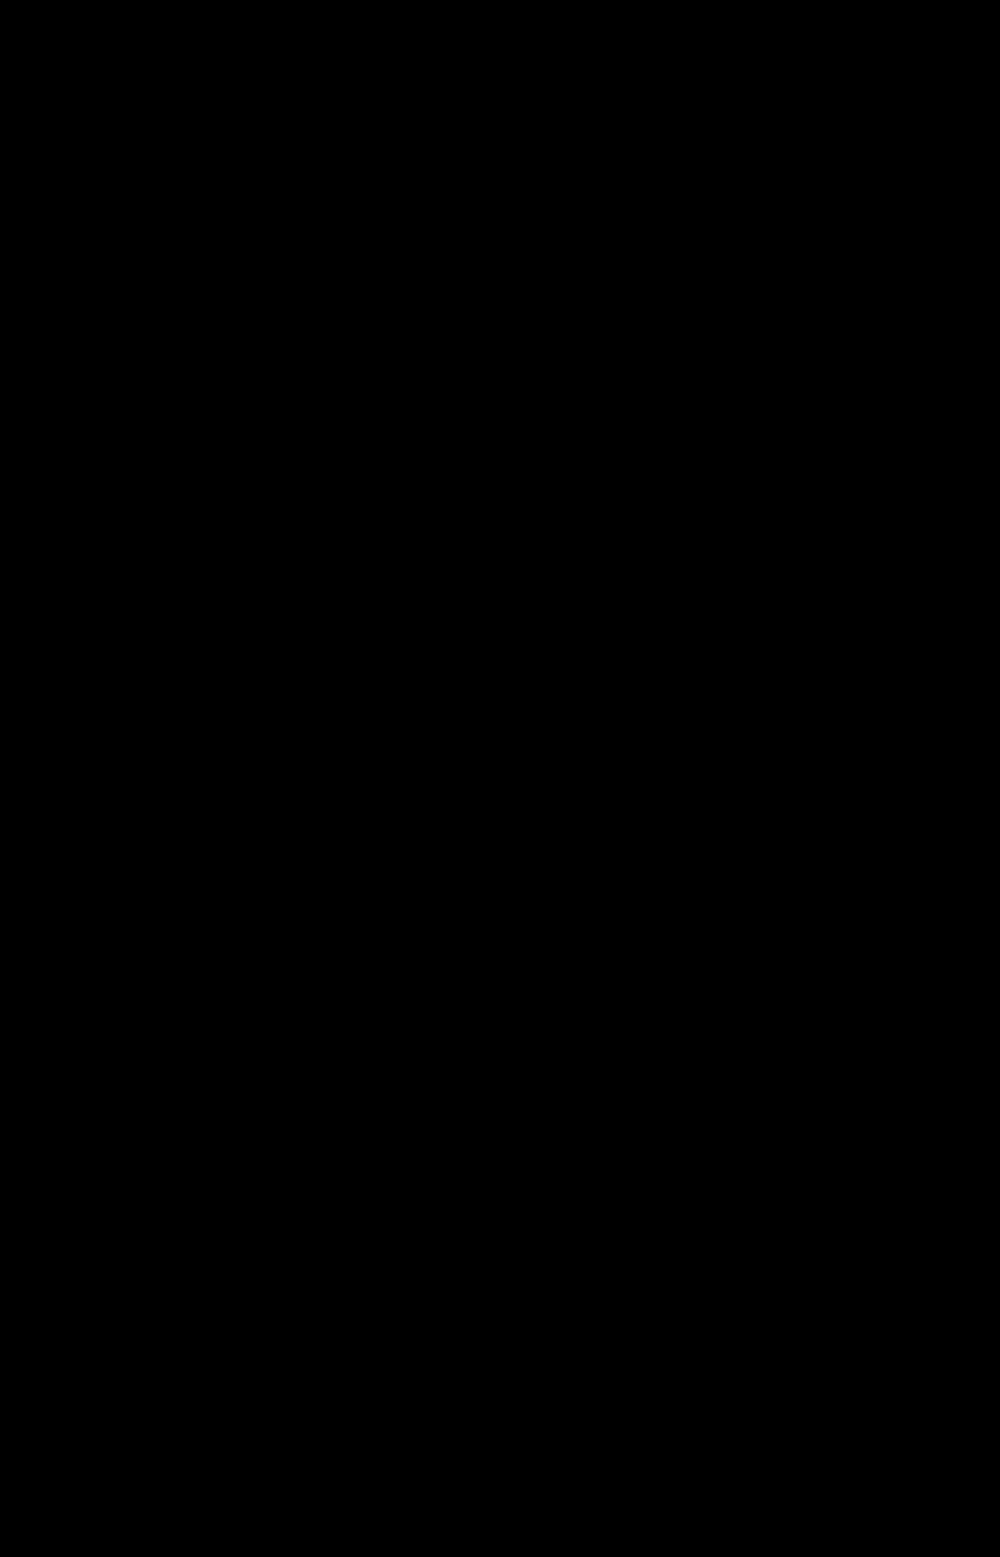 logo+(13).png